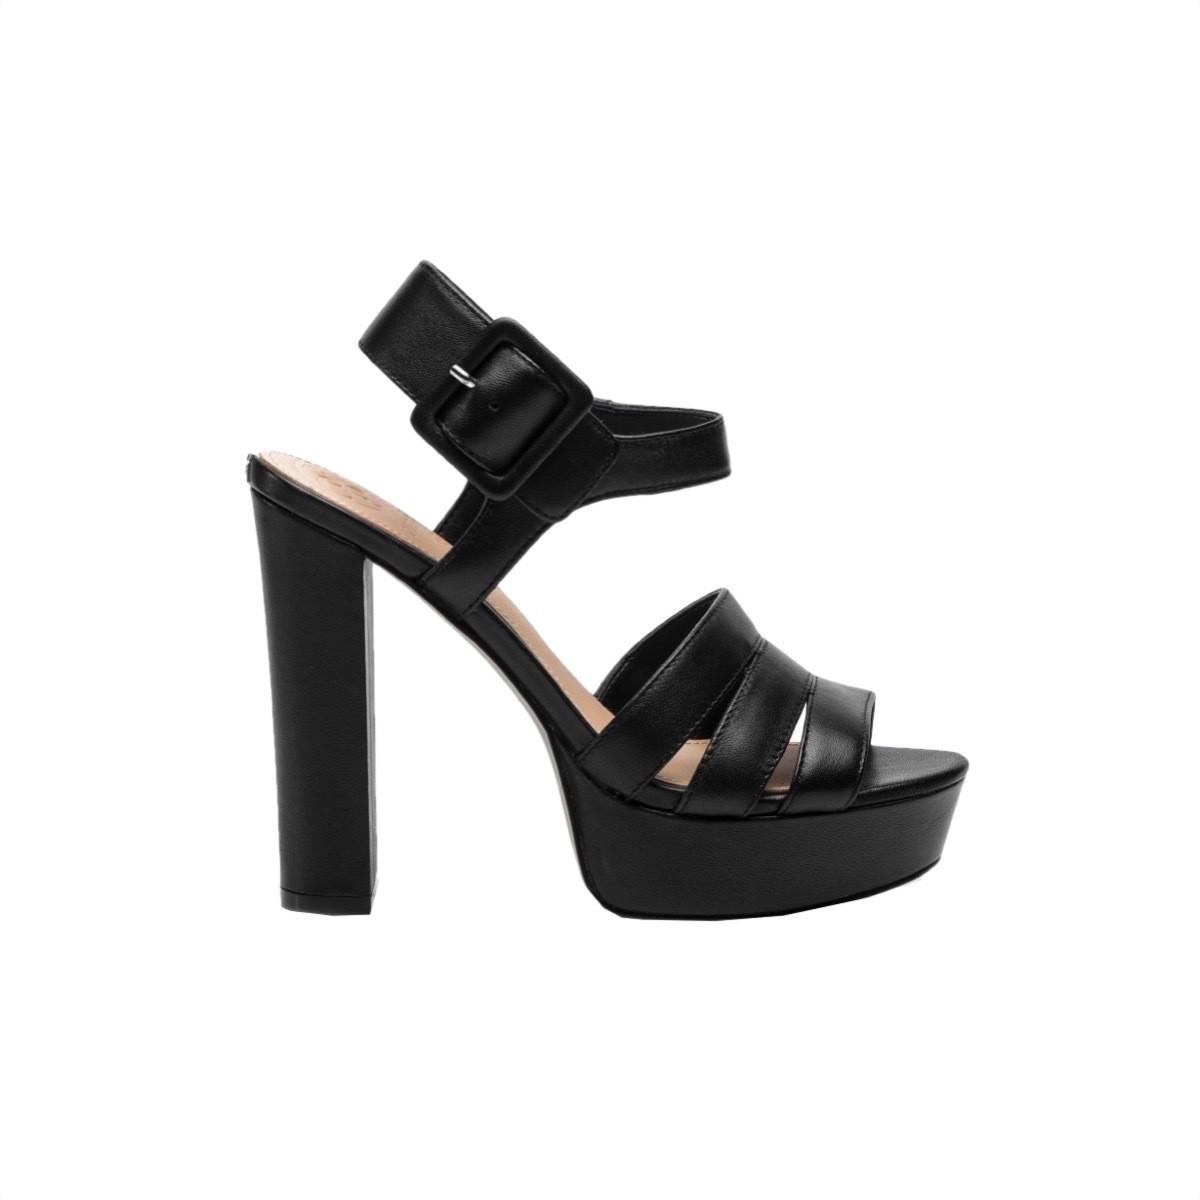 GUESS - Lylah sandali con plateau - Black